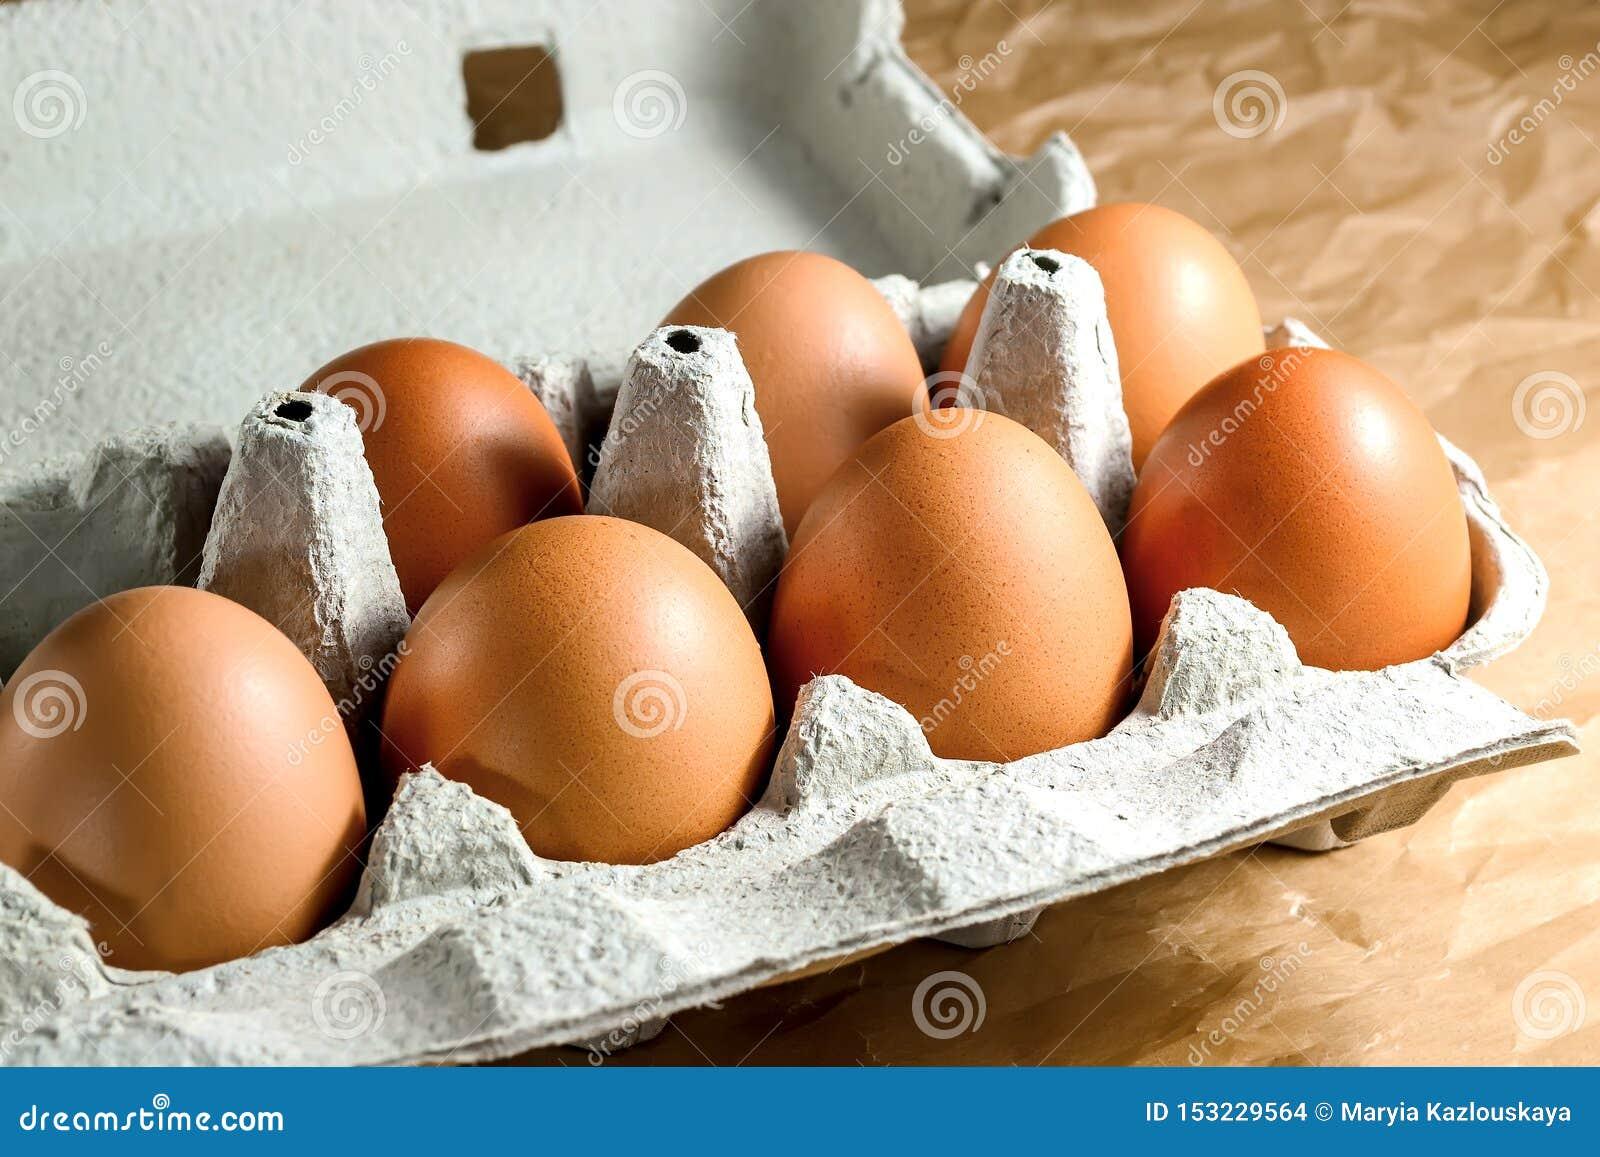 Sept oeufs bruns de poulet dans un emballage de papier de carton sur une table de cuisine Oeufs pour la consommation saine de bre